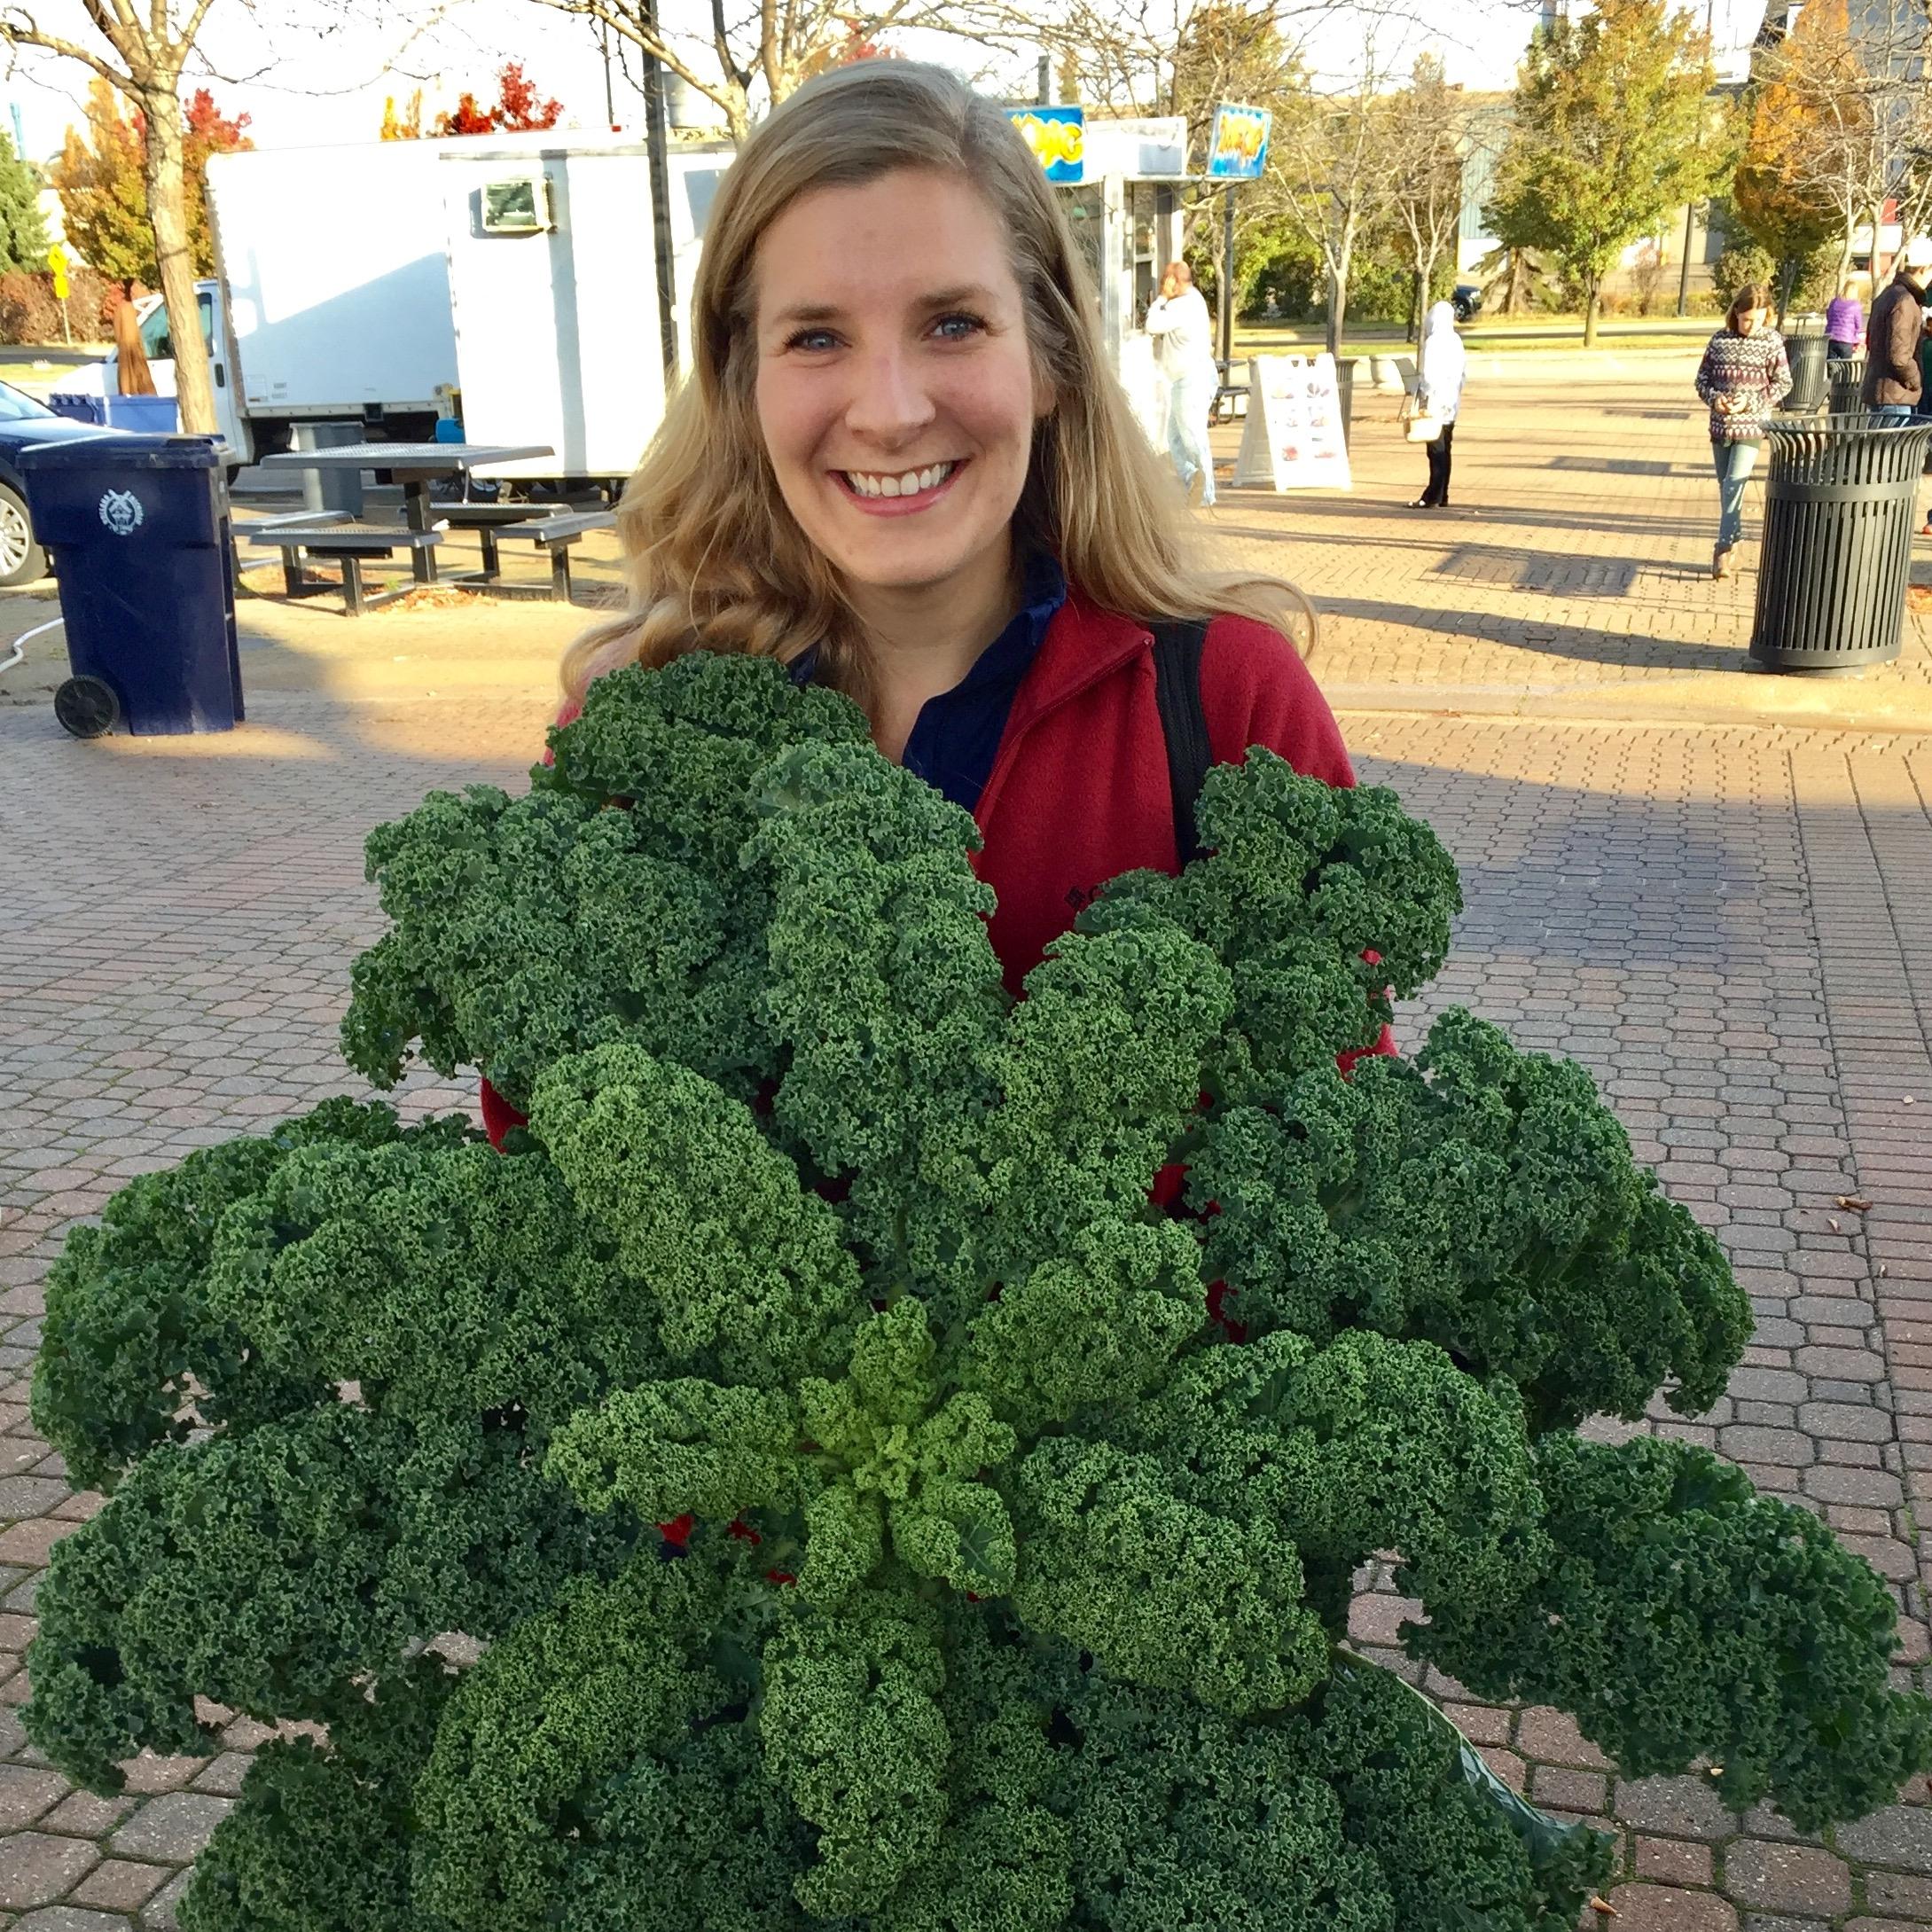 Kale - Stacey Duensing.jpg